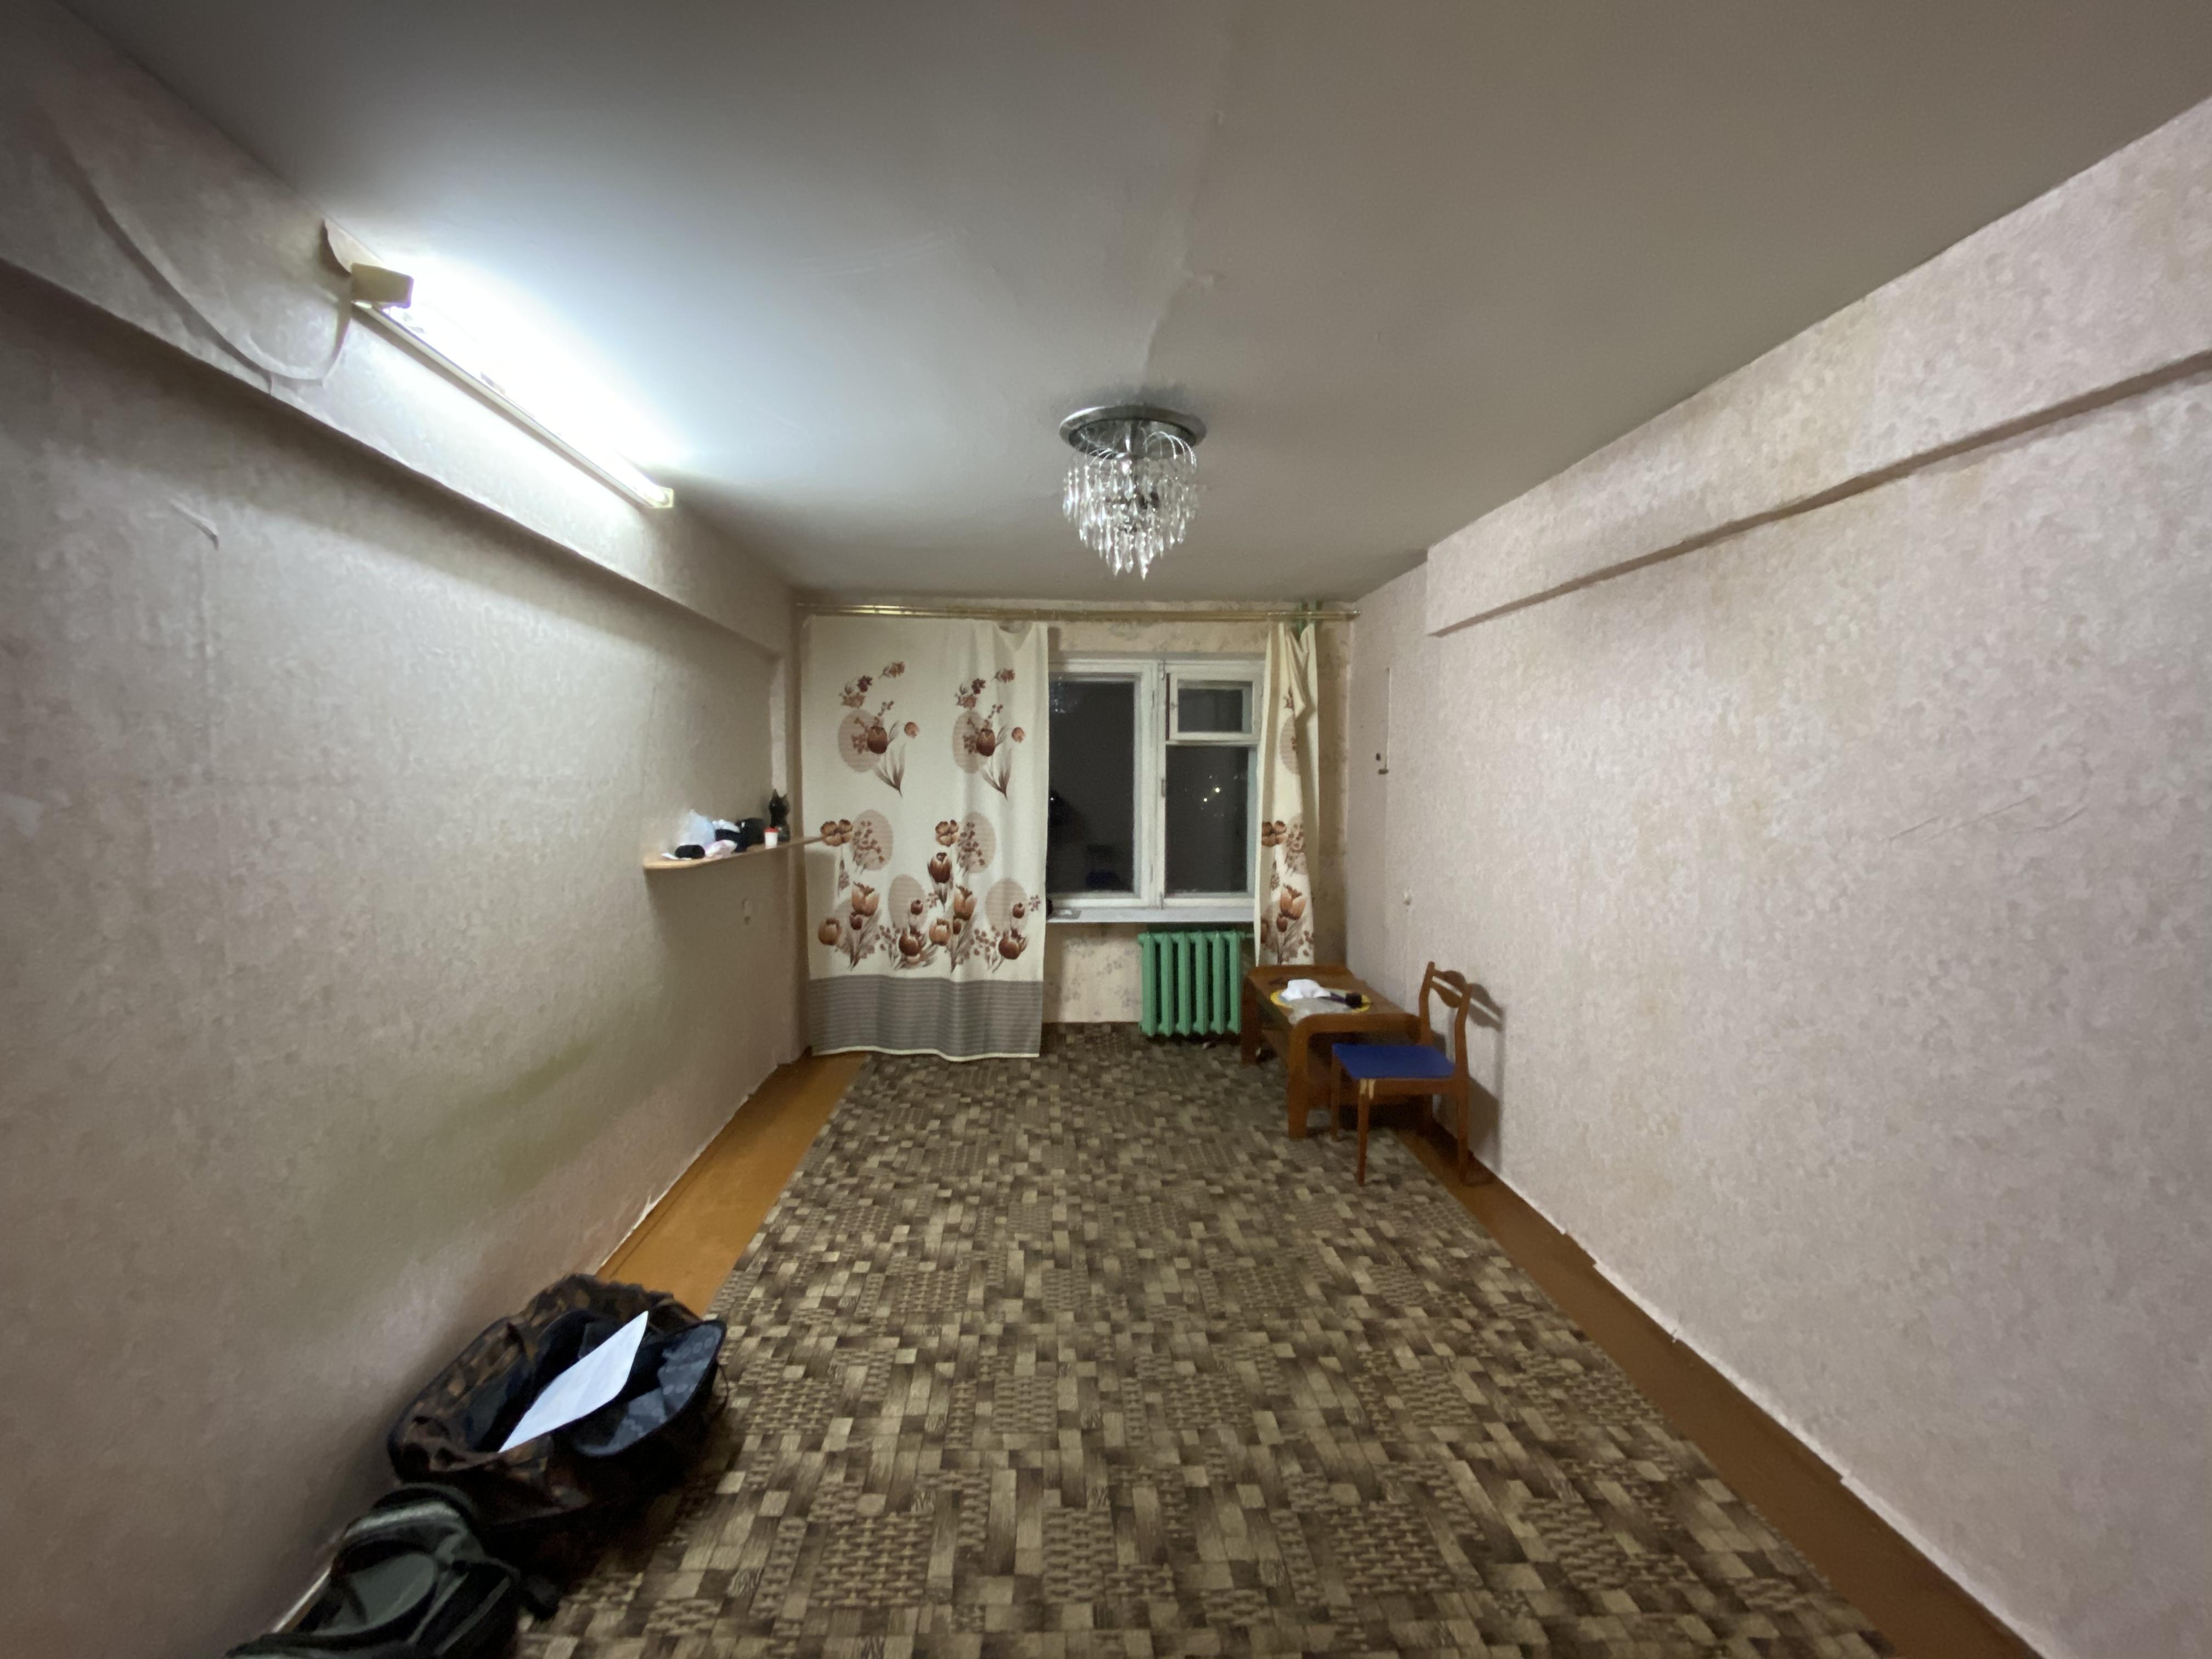 Квартира в аренду по адресу Россия, Архангельская область, Архангельск, Малиновского ул., д. 2